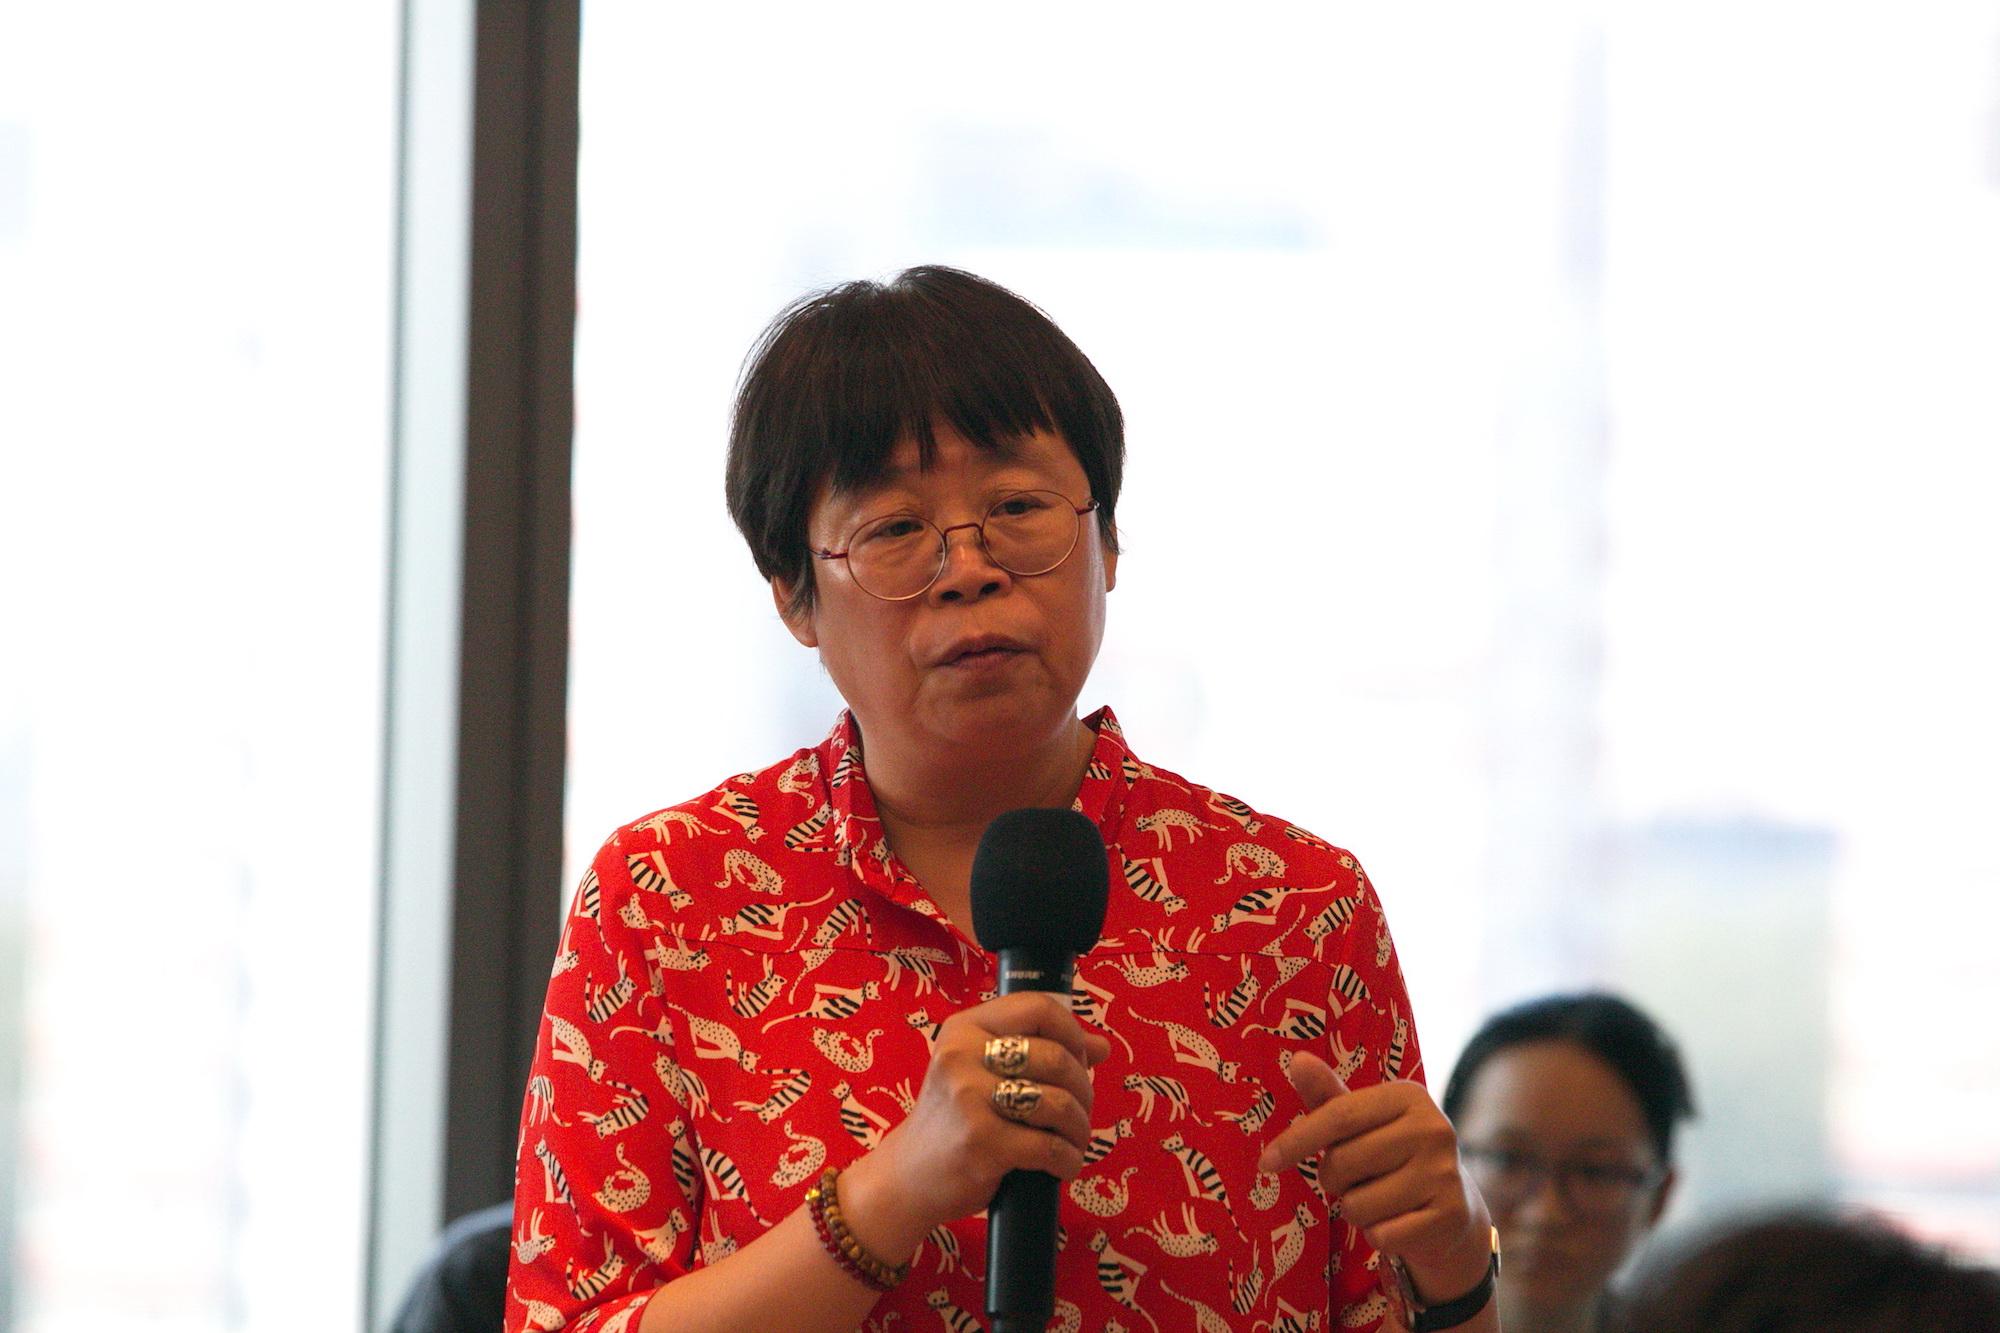 中国工艺美术学会民间工艺美术委员会副会长李友友.jpg